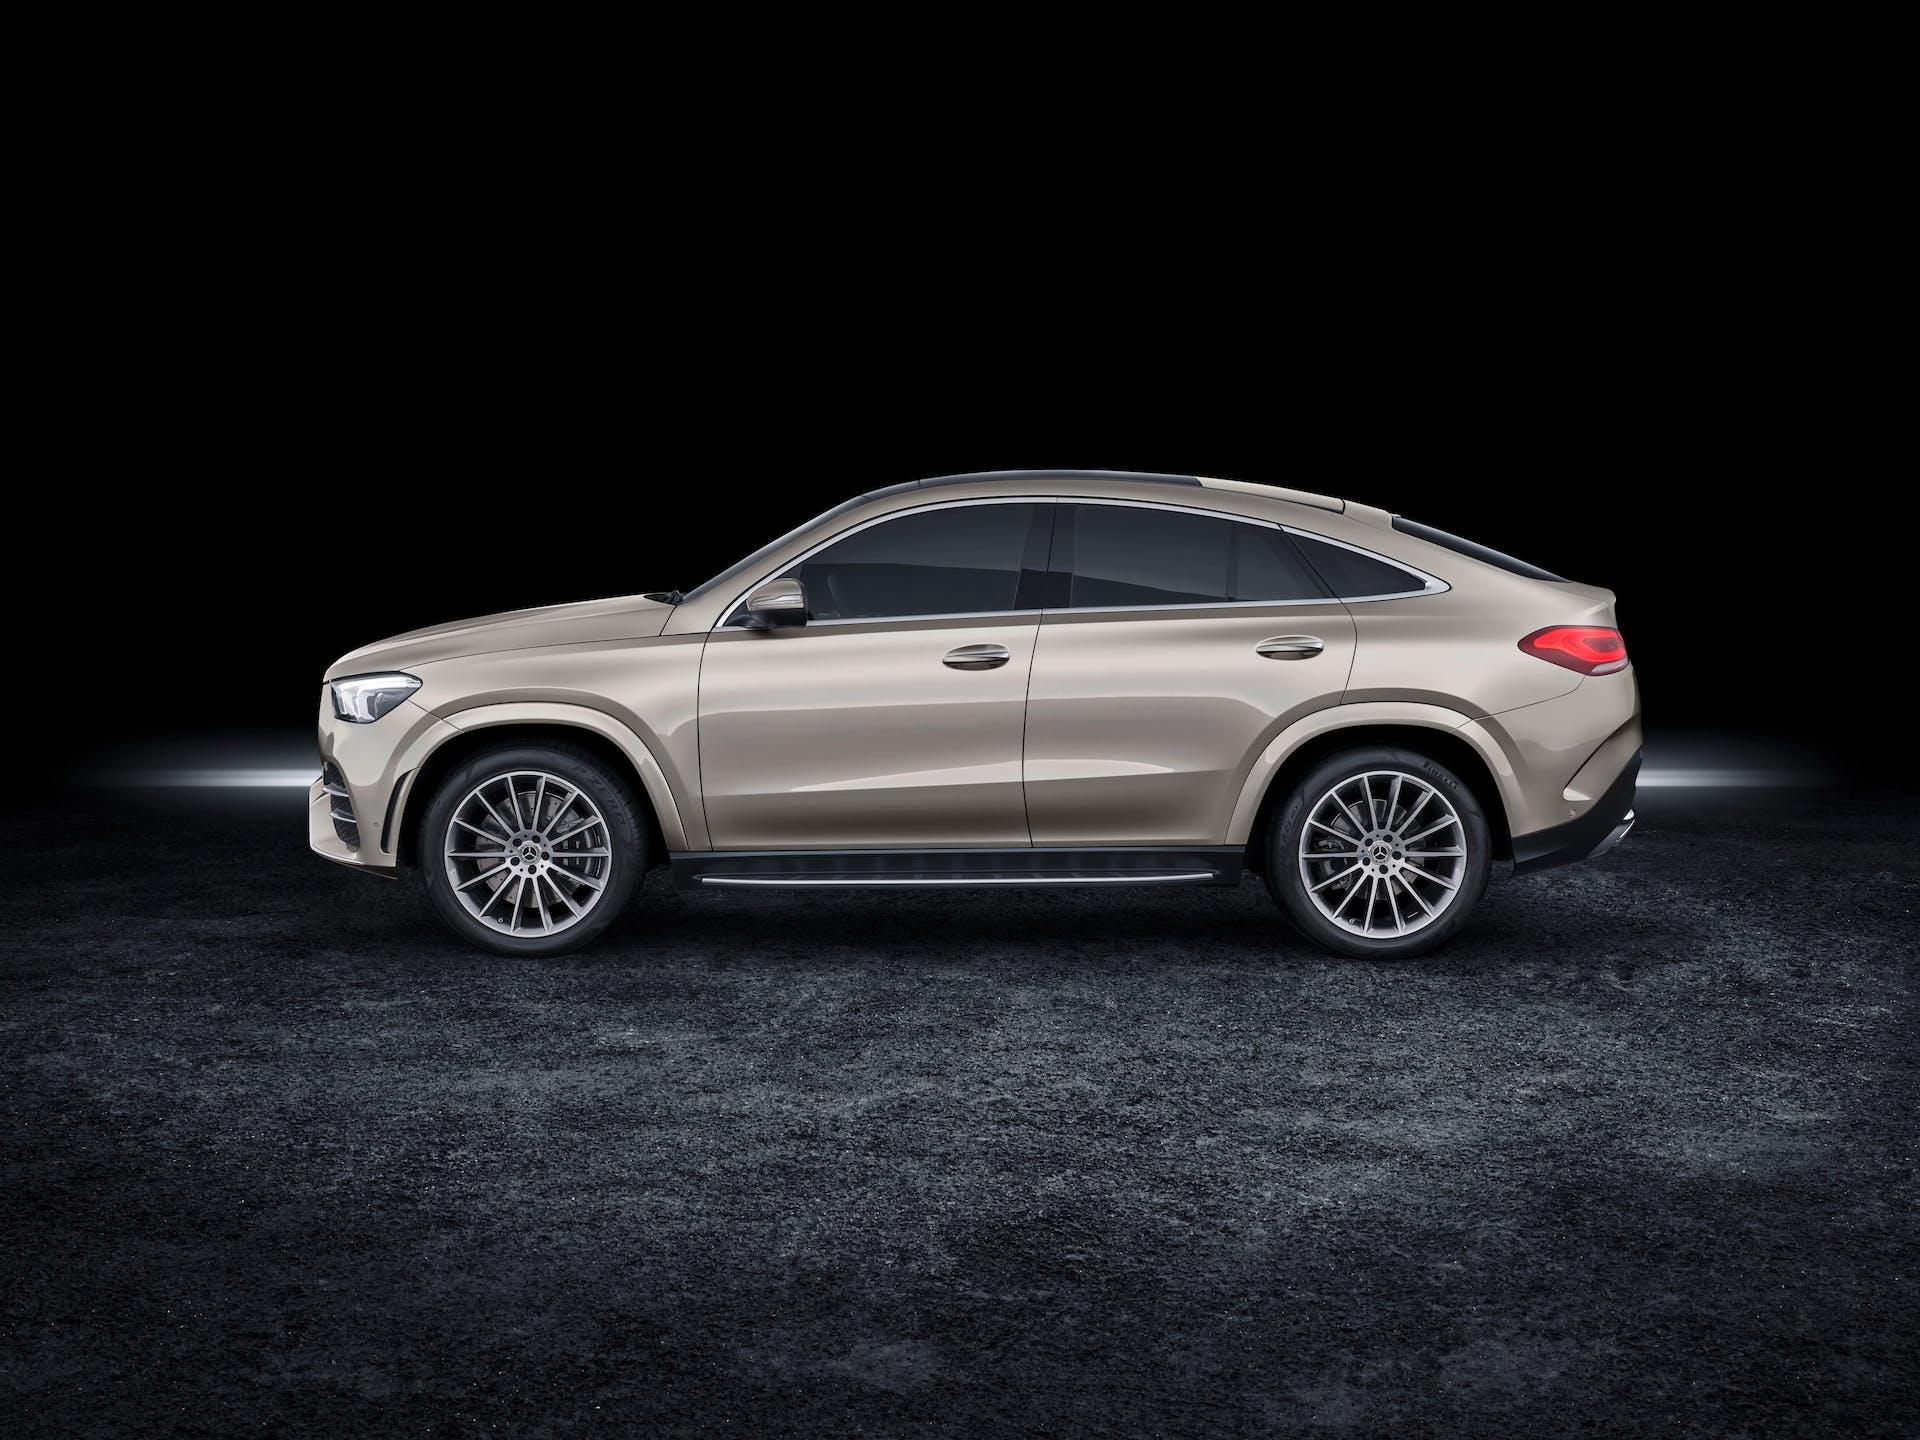 Mercedes-Benz GLE Coupé 2019Mercedes-Benz GLE Coupé 2019 grigia